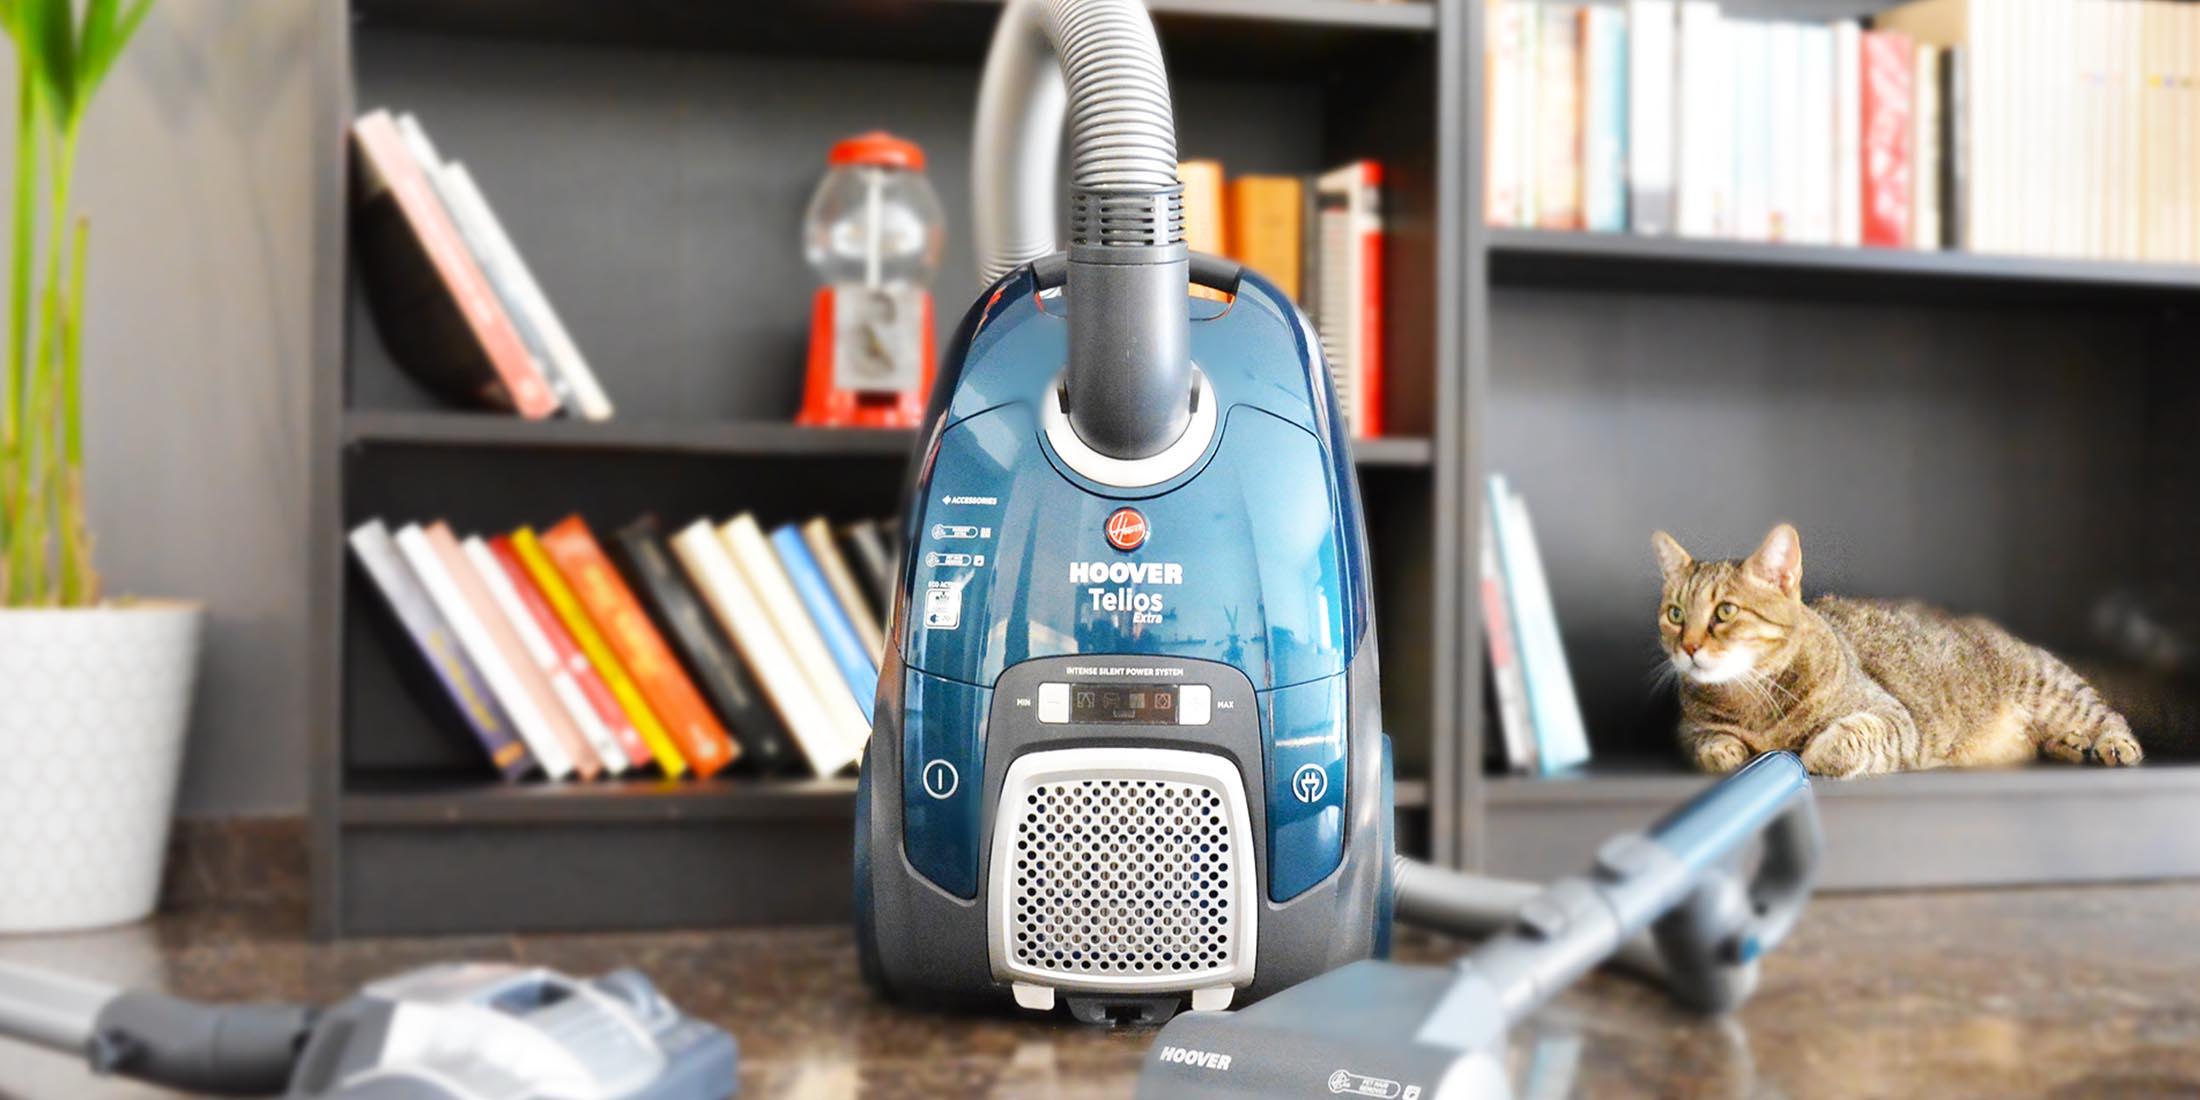 Ηλεκτρική Σκούπα Hoover Telios Extra TX60PET Review